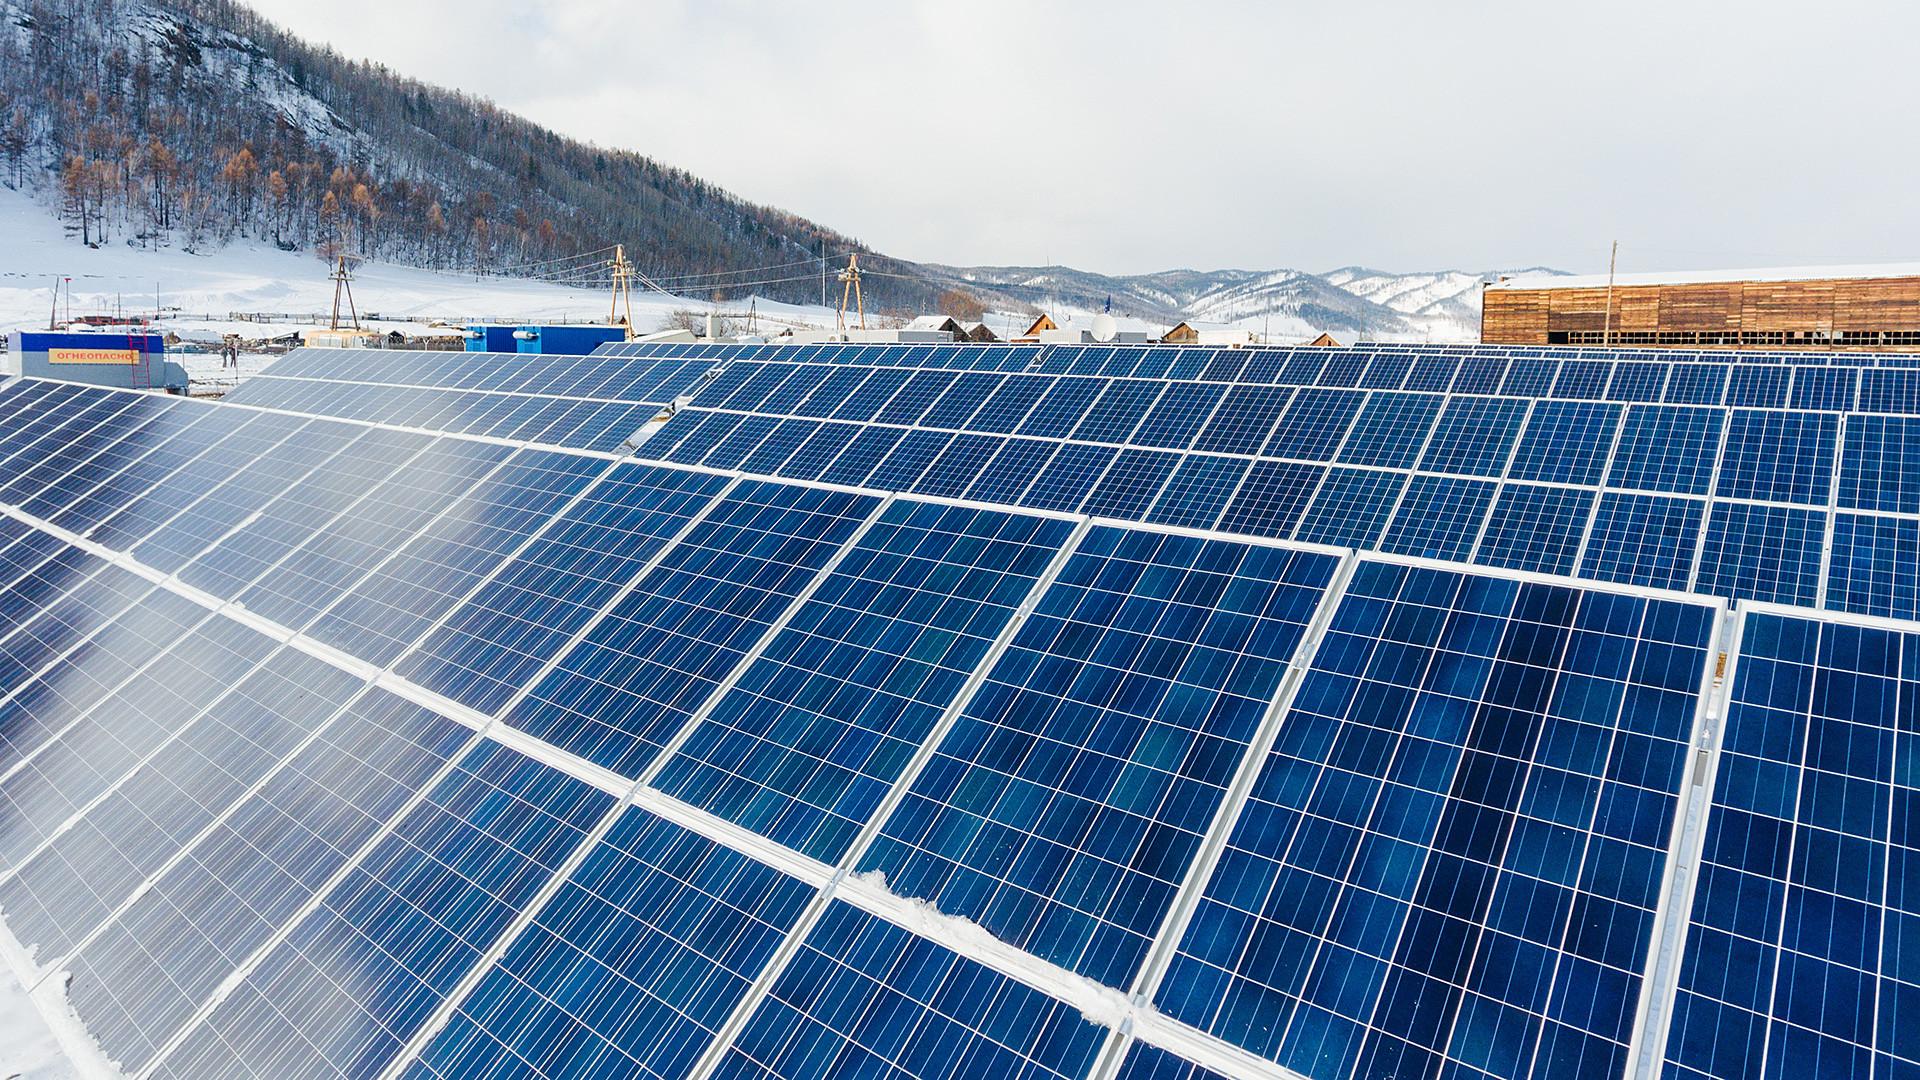 L'impianto fotovoltaico nella Repubblica dell'Altaj è stato inaugurato nel 2014